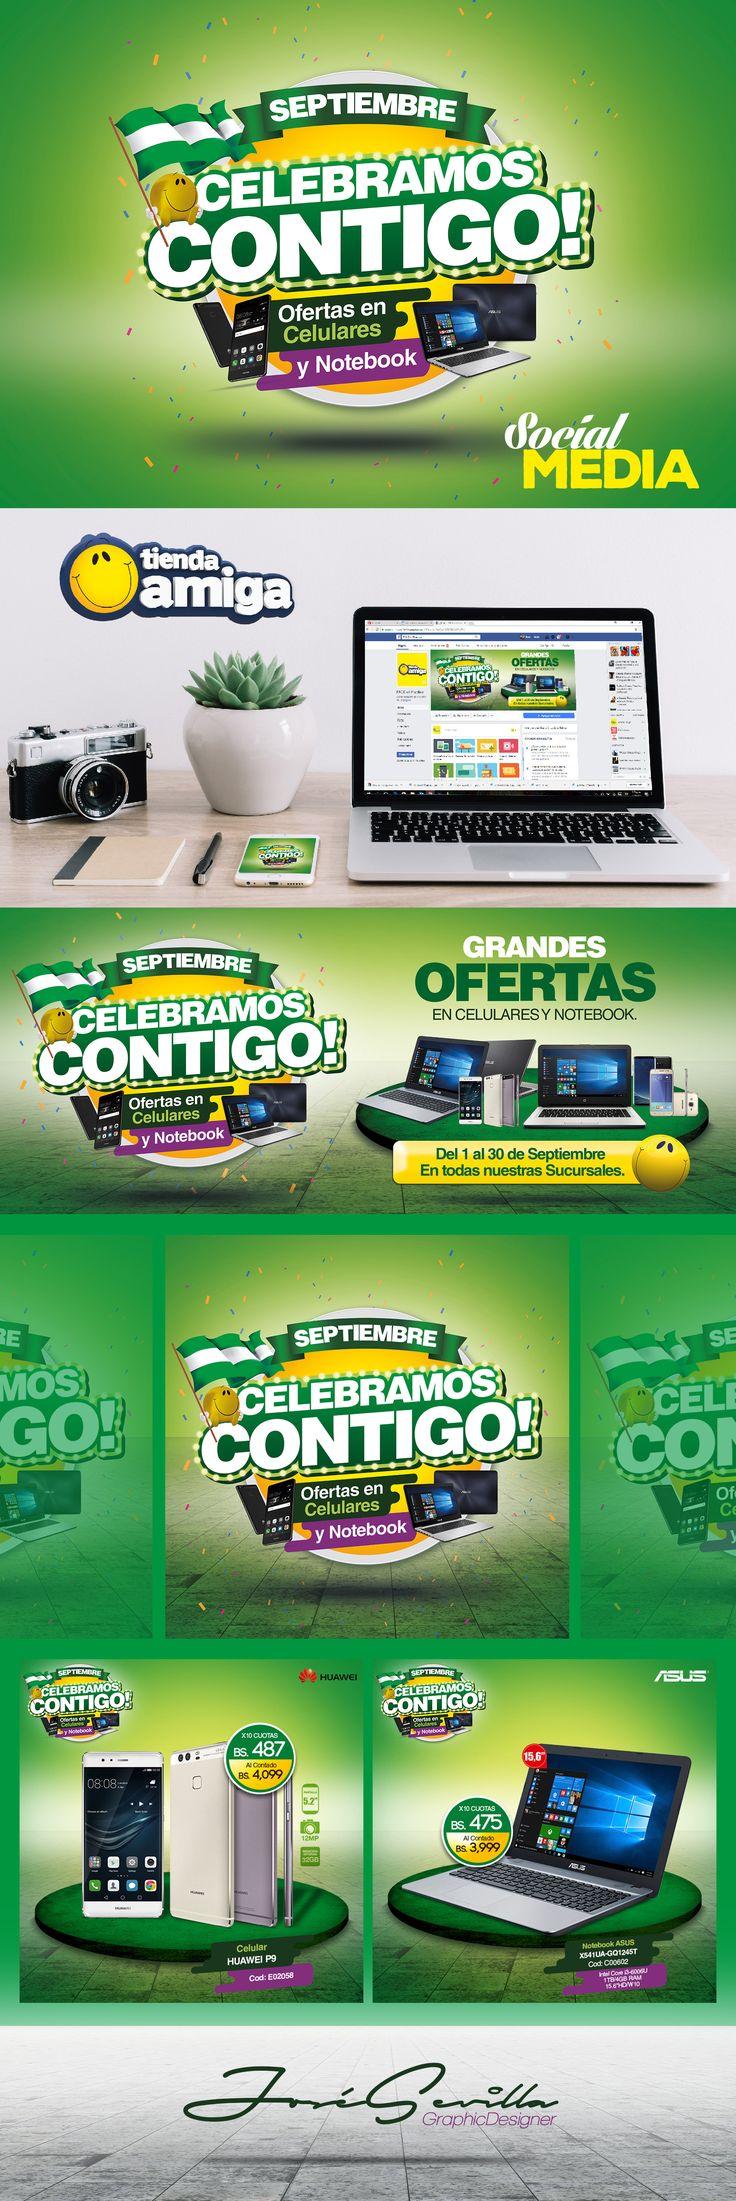 SEPTIEMBRE CELEBRAMOS CONTIGO! ofertas en Celulares y  Notebook. TIENDA AMIGA